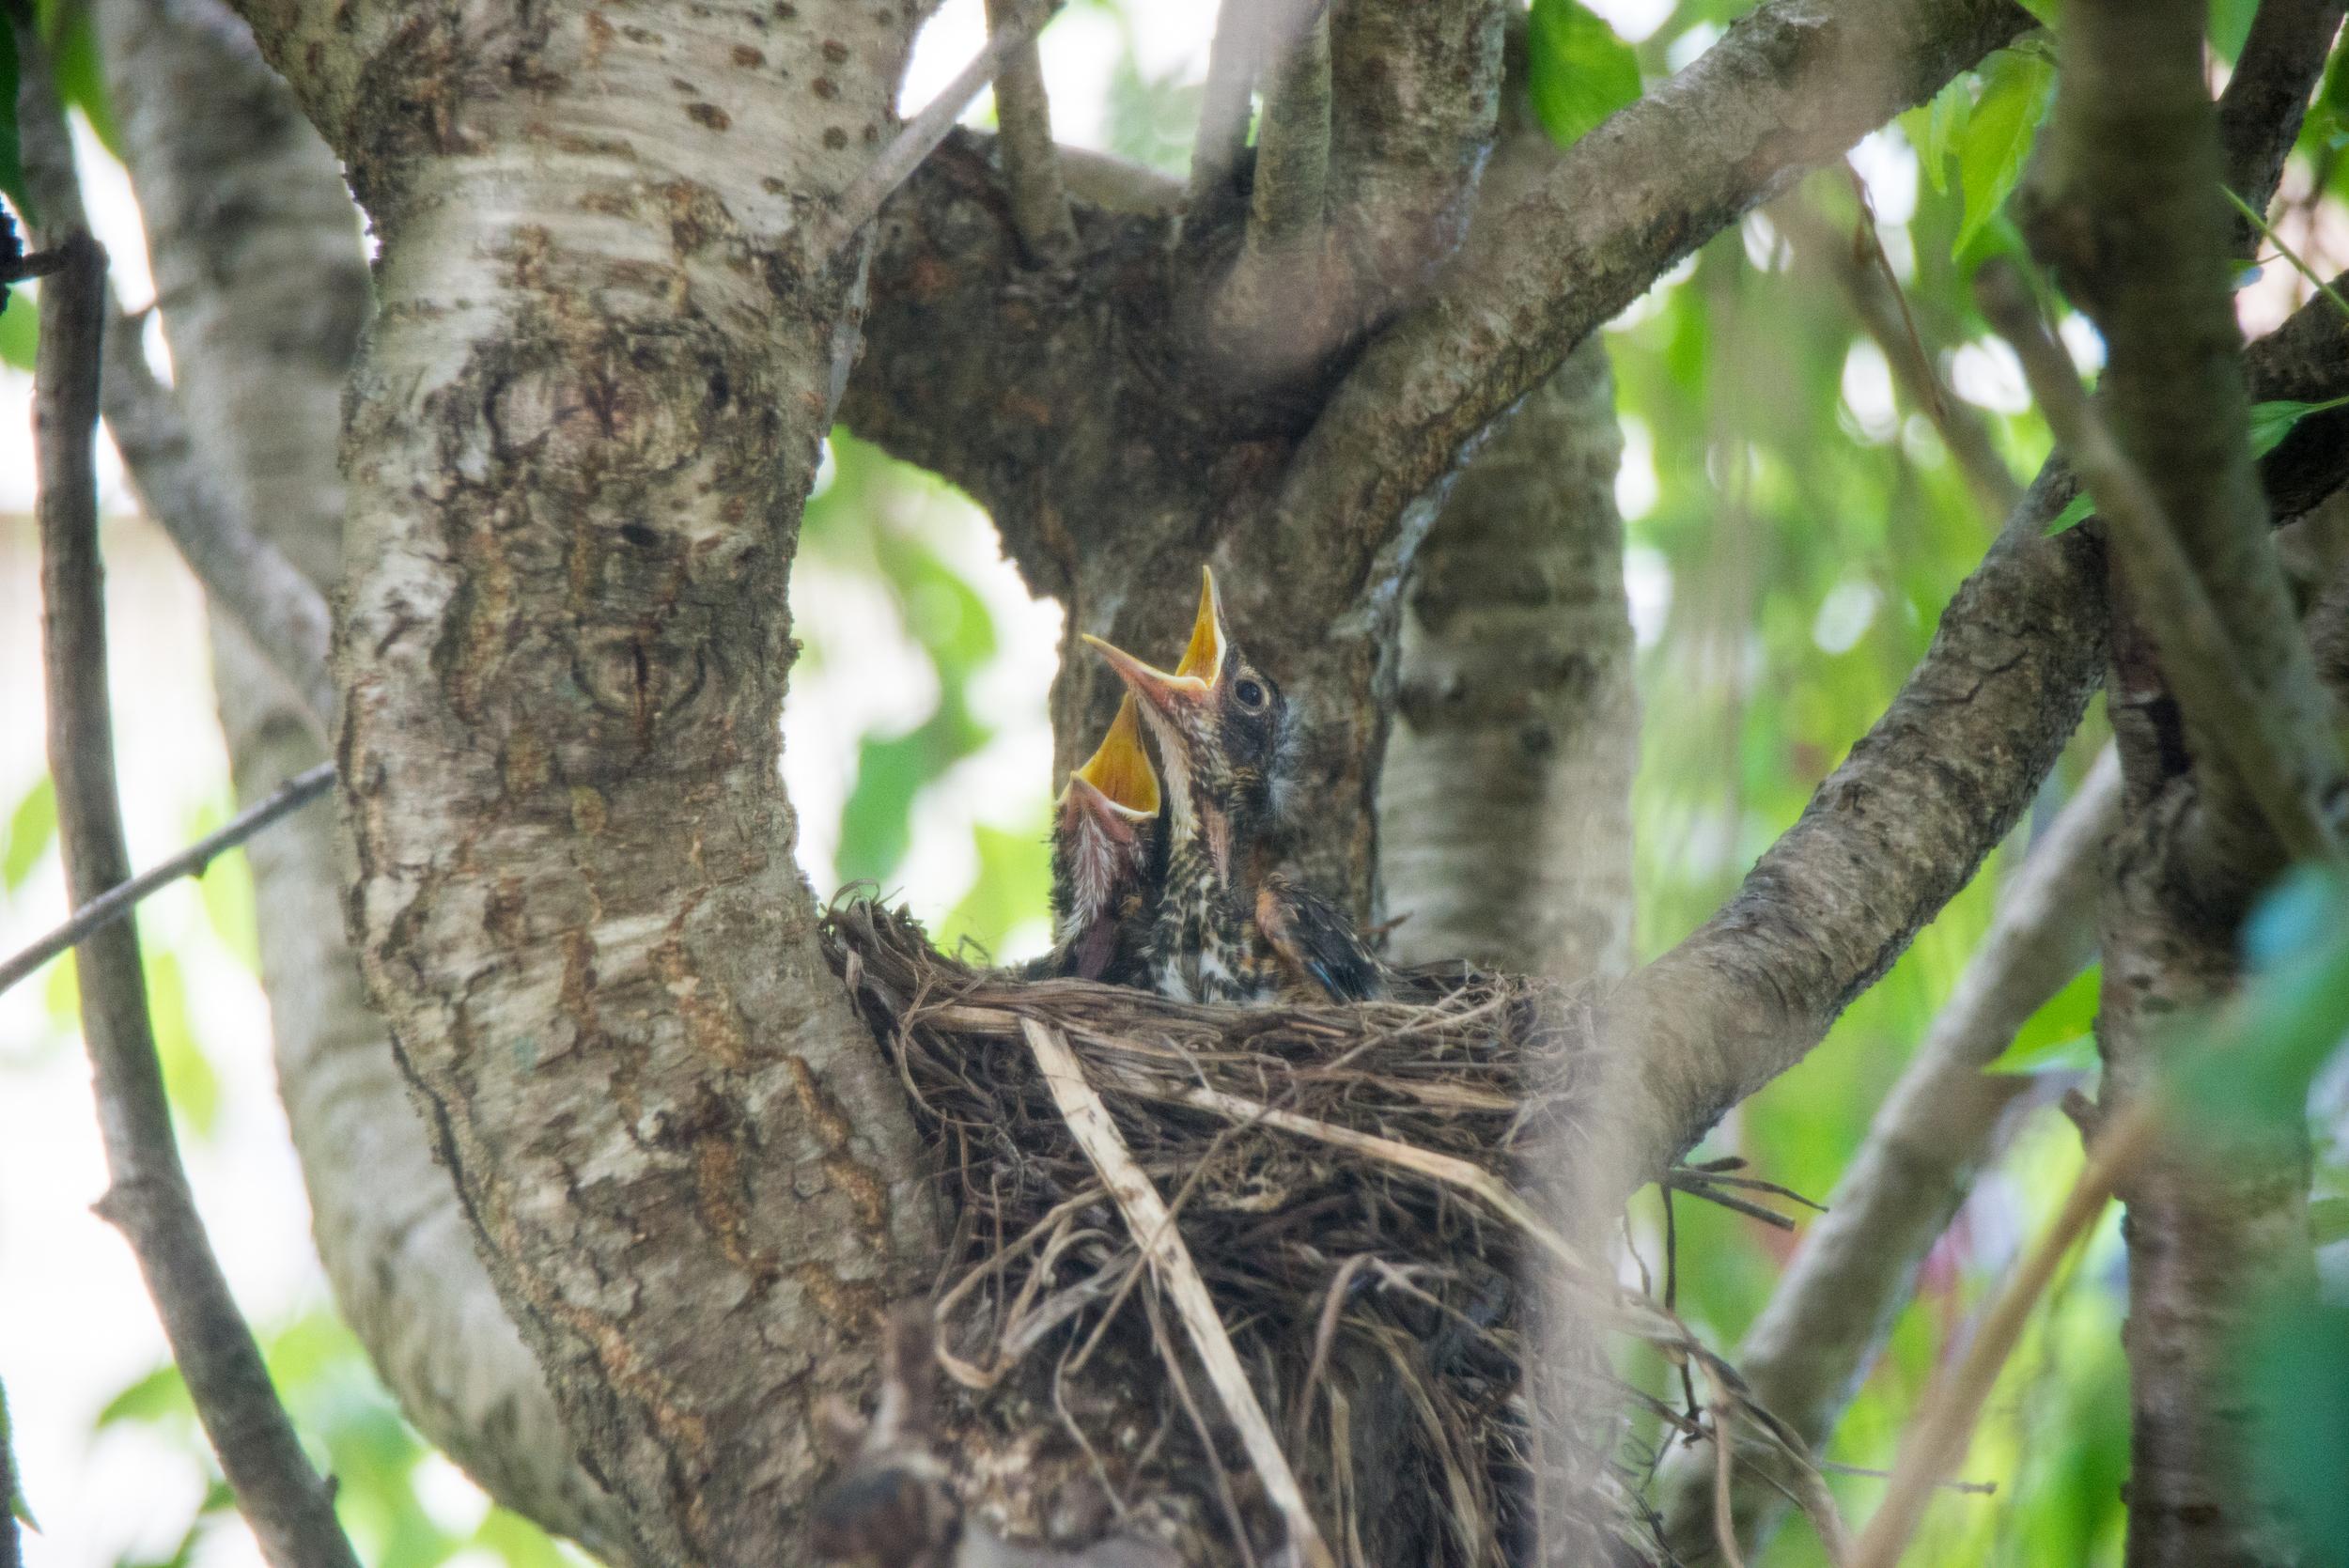 Robin nestlings